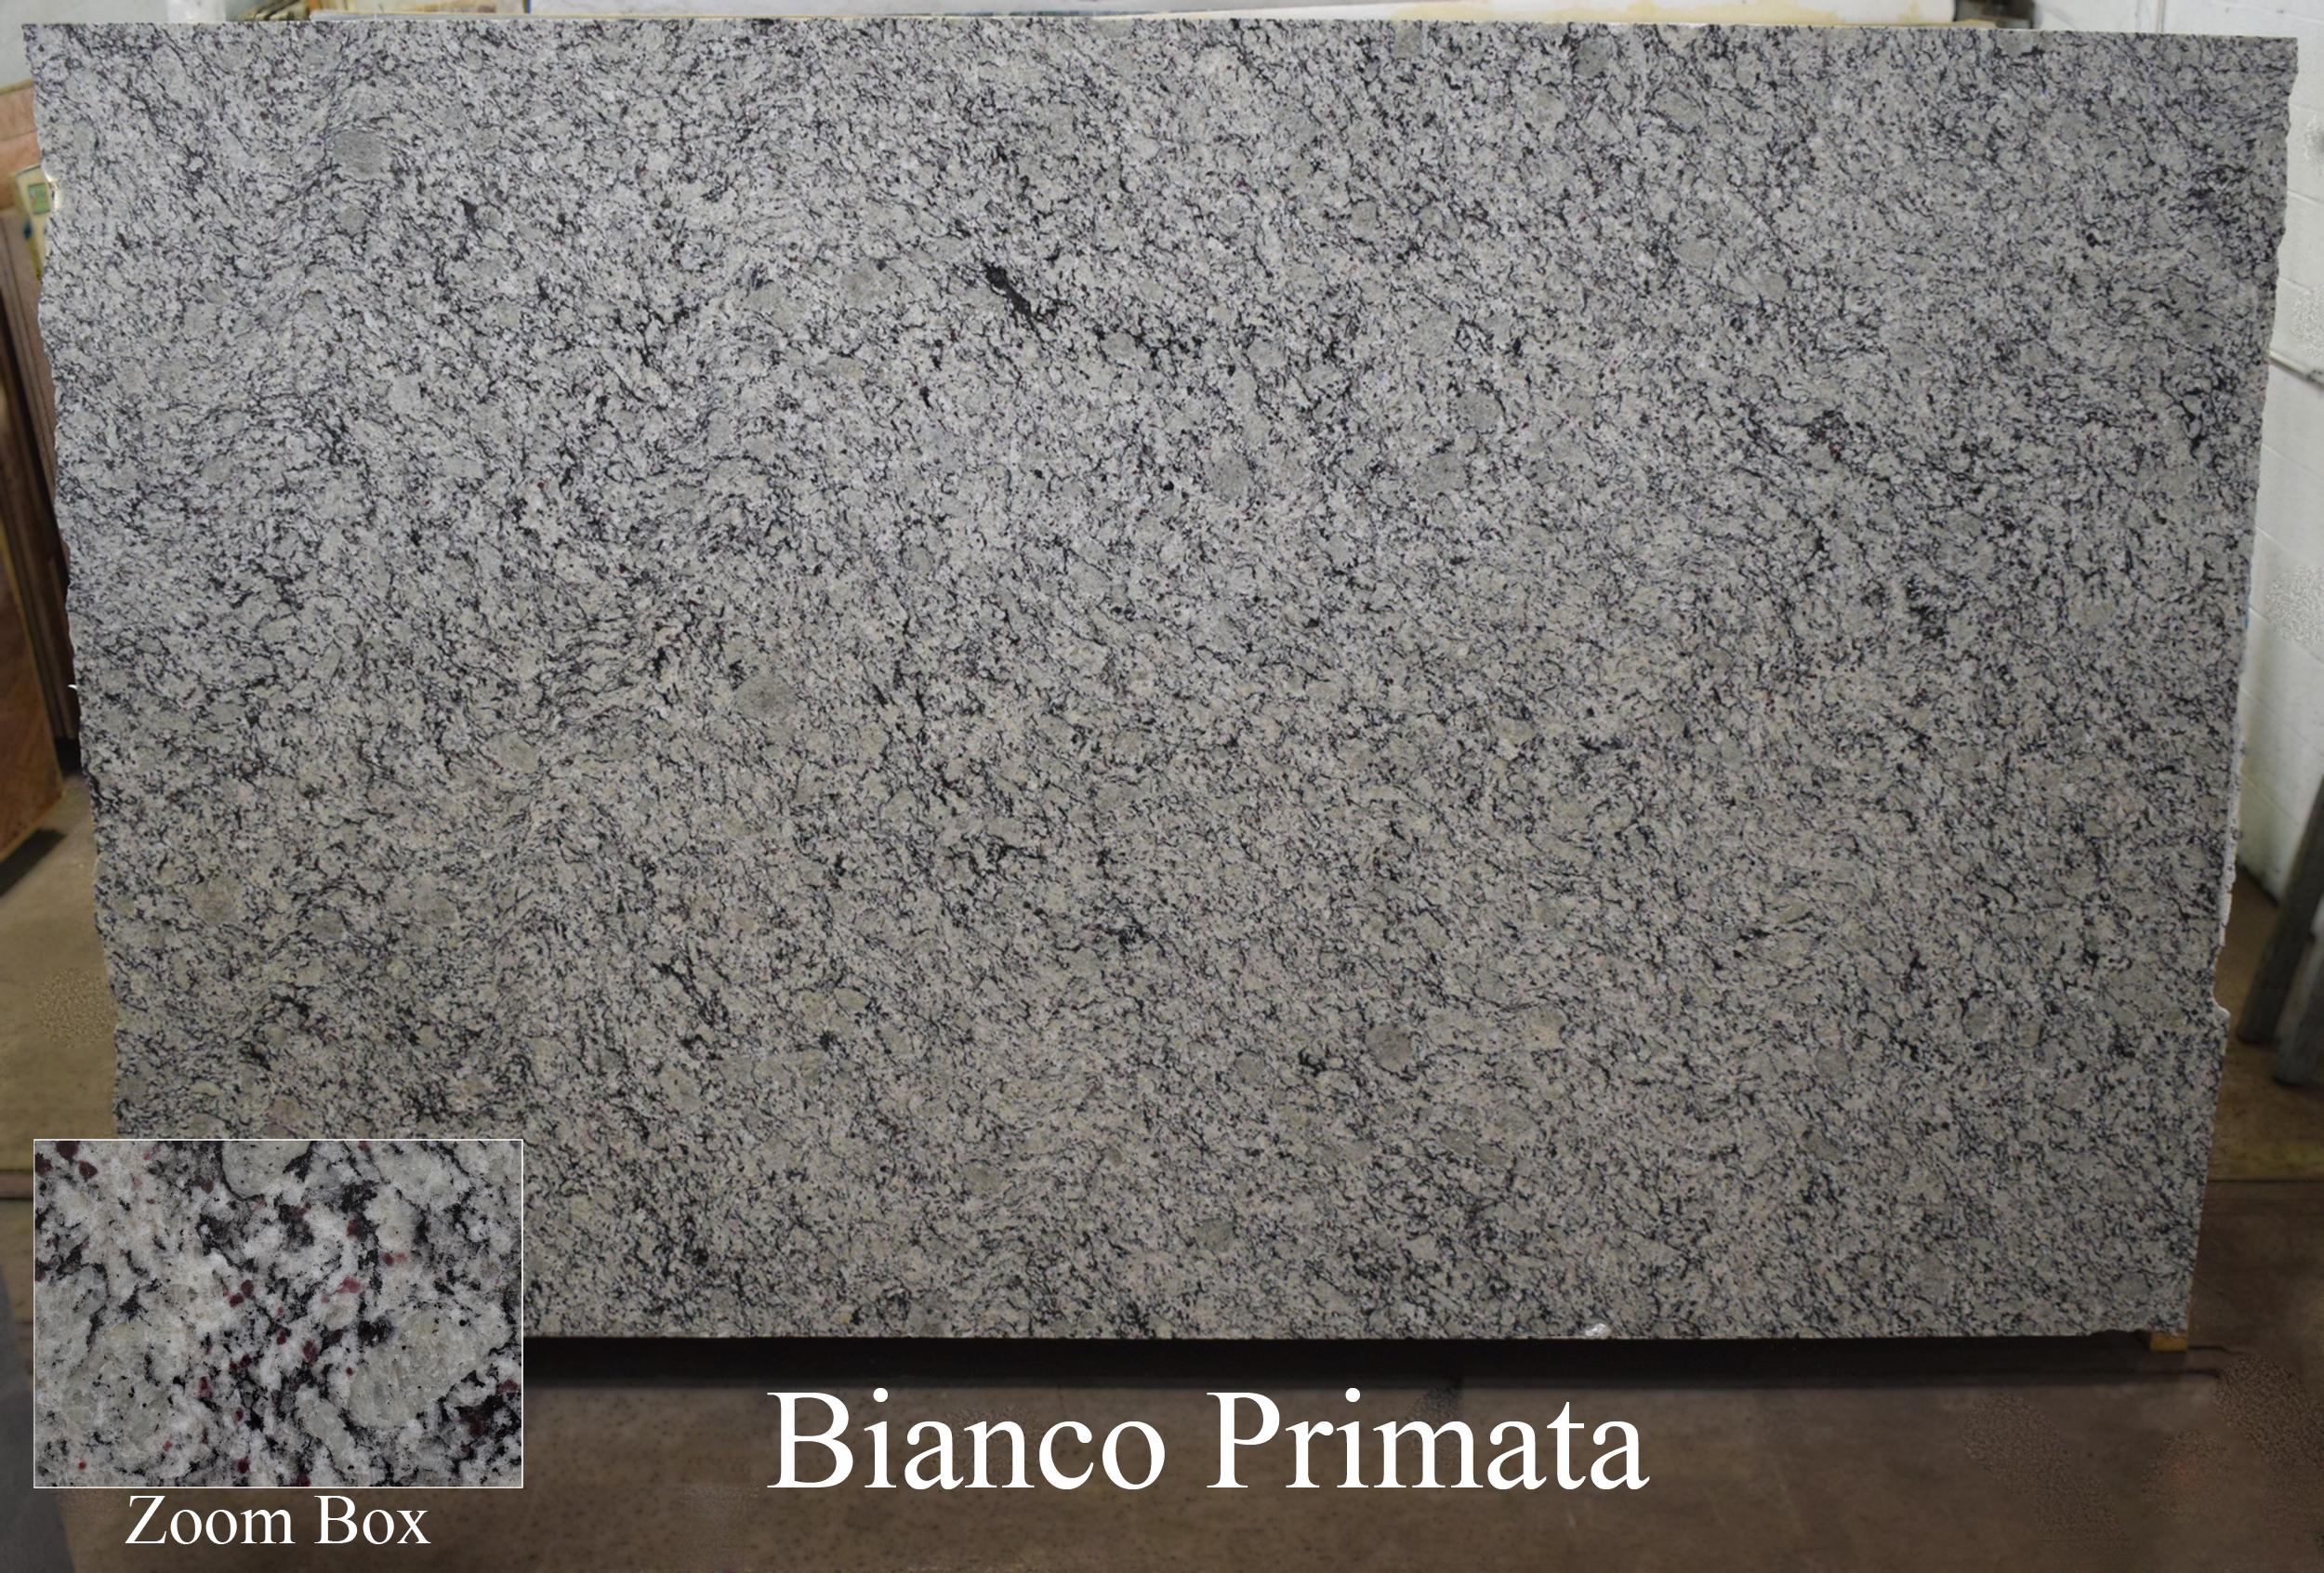 BIANCO PRIMATA